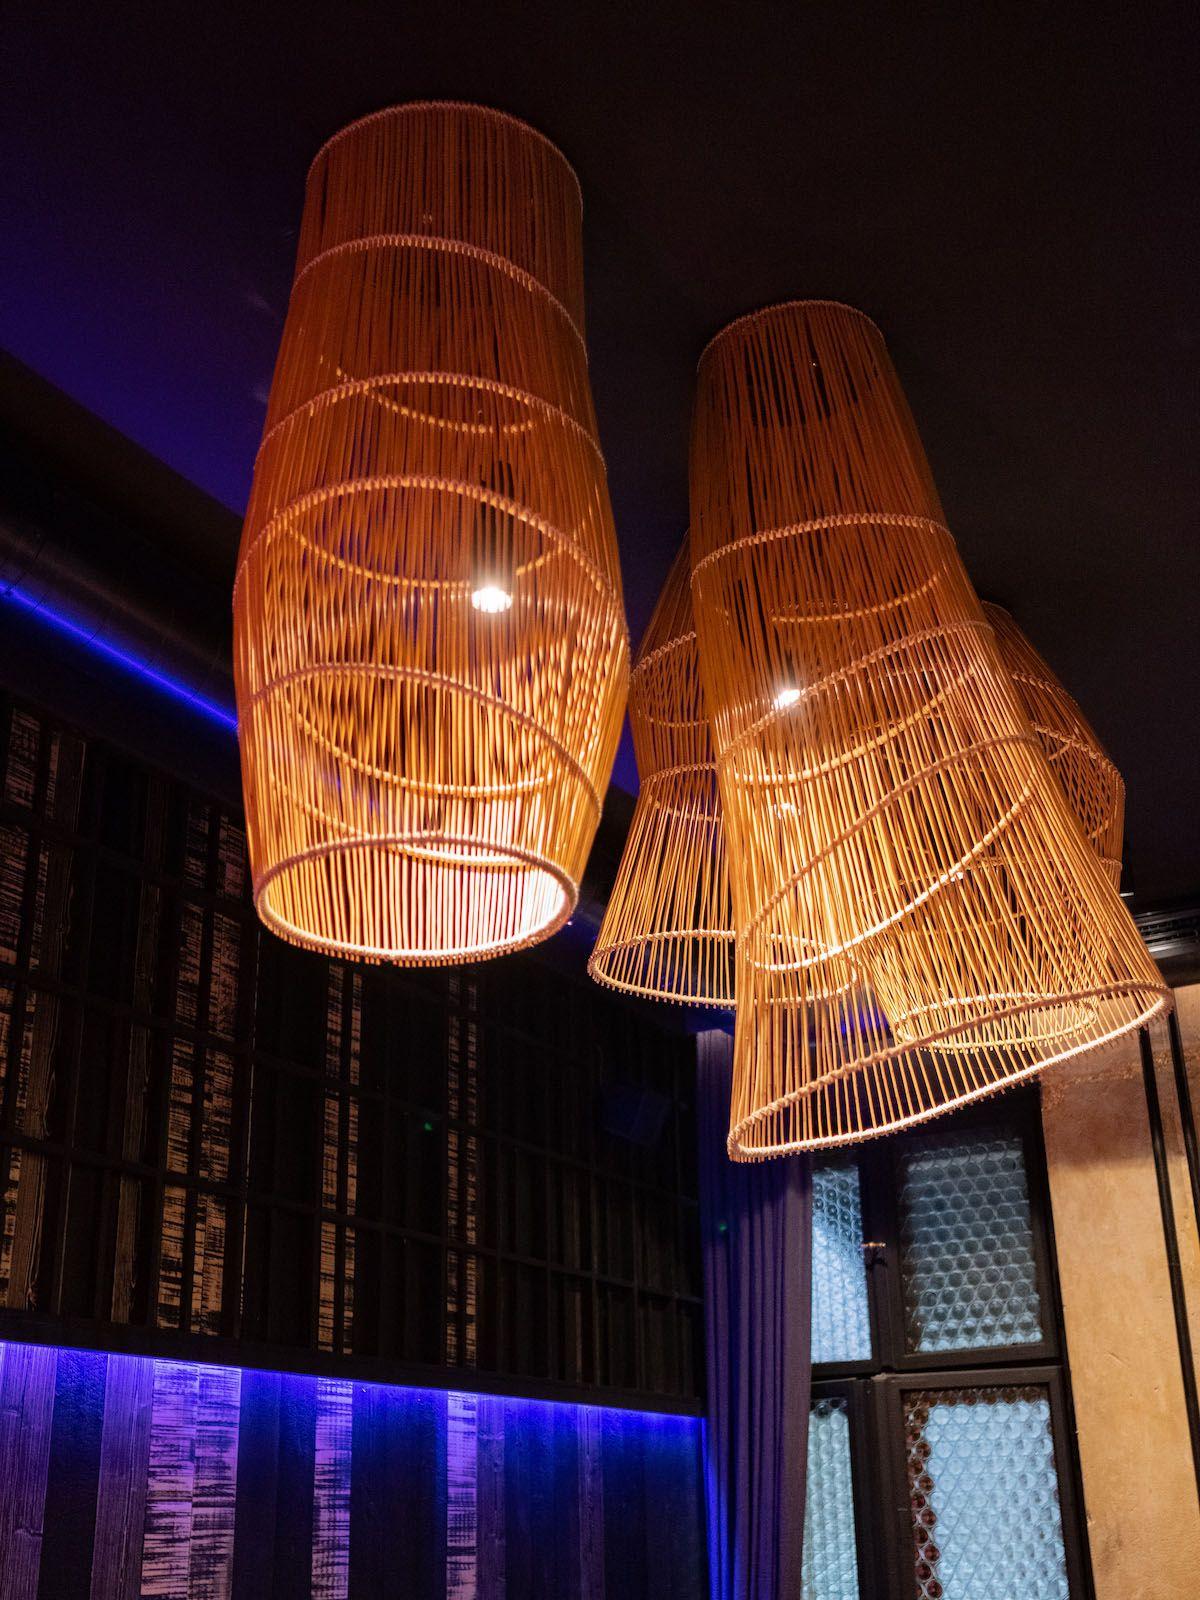 Foodblog, About Fuel, Leckerbissen, The Catch Berlin, Lampen, Neonlicht, Interieur